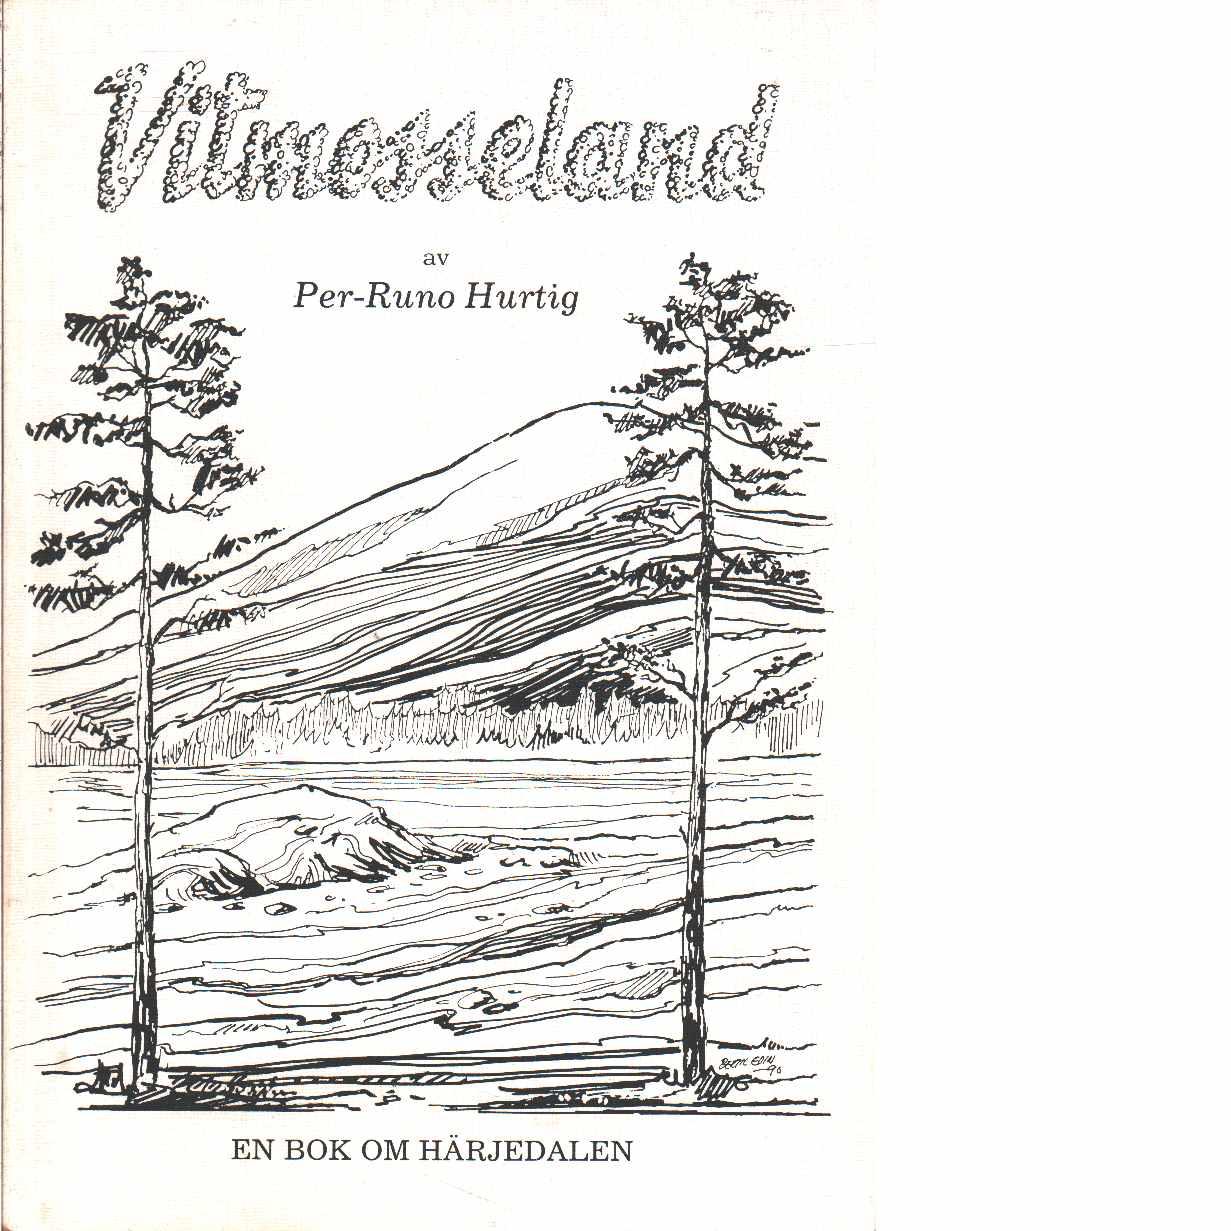 Vitmosseland - En bok om Härjedalen - Hurtig, Per-Runo